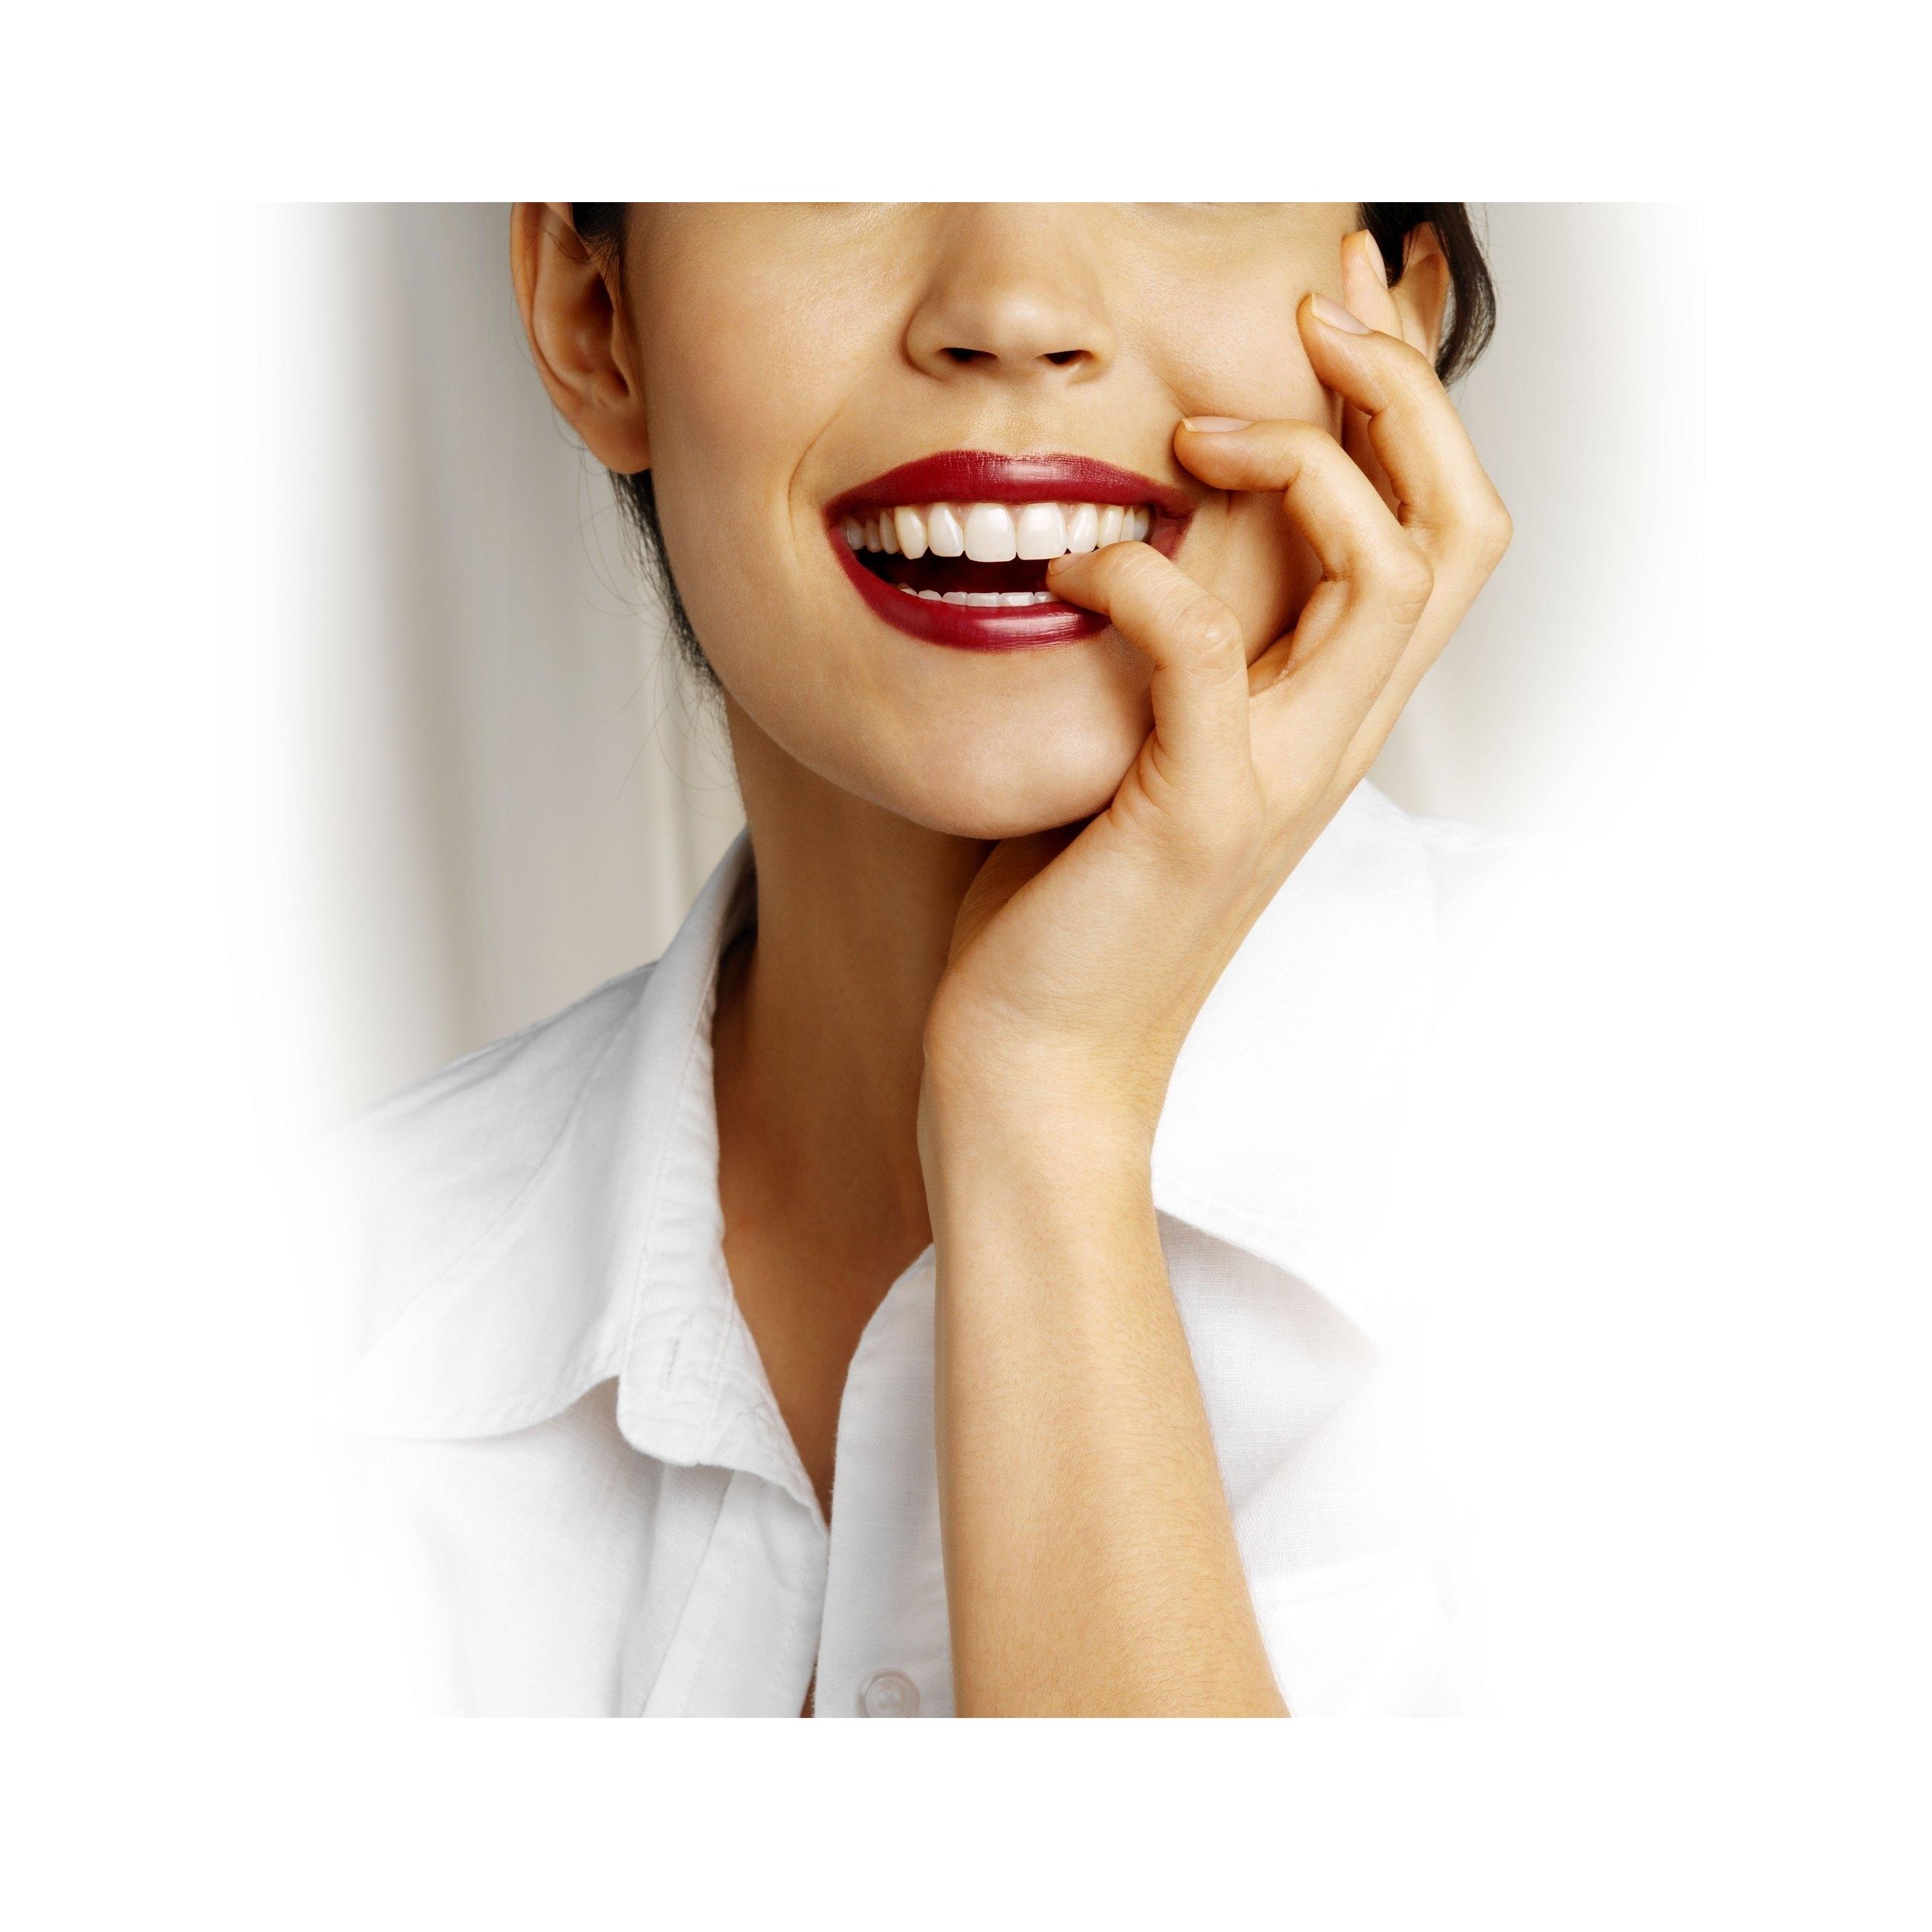 United Dental Care - Culver City, CA 90230 - (310)390-6000 | ShowMeLocal.com